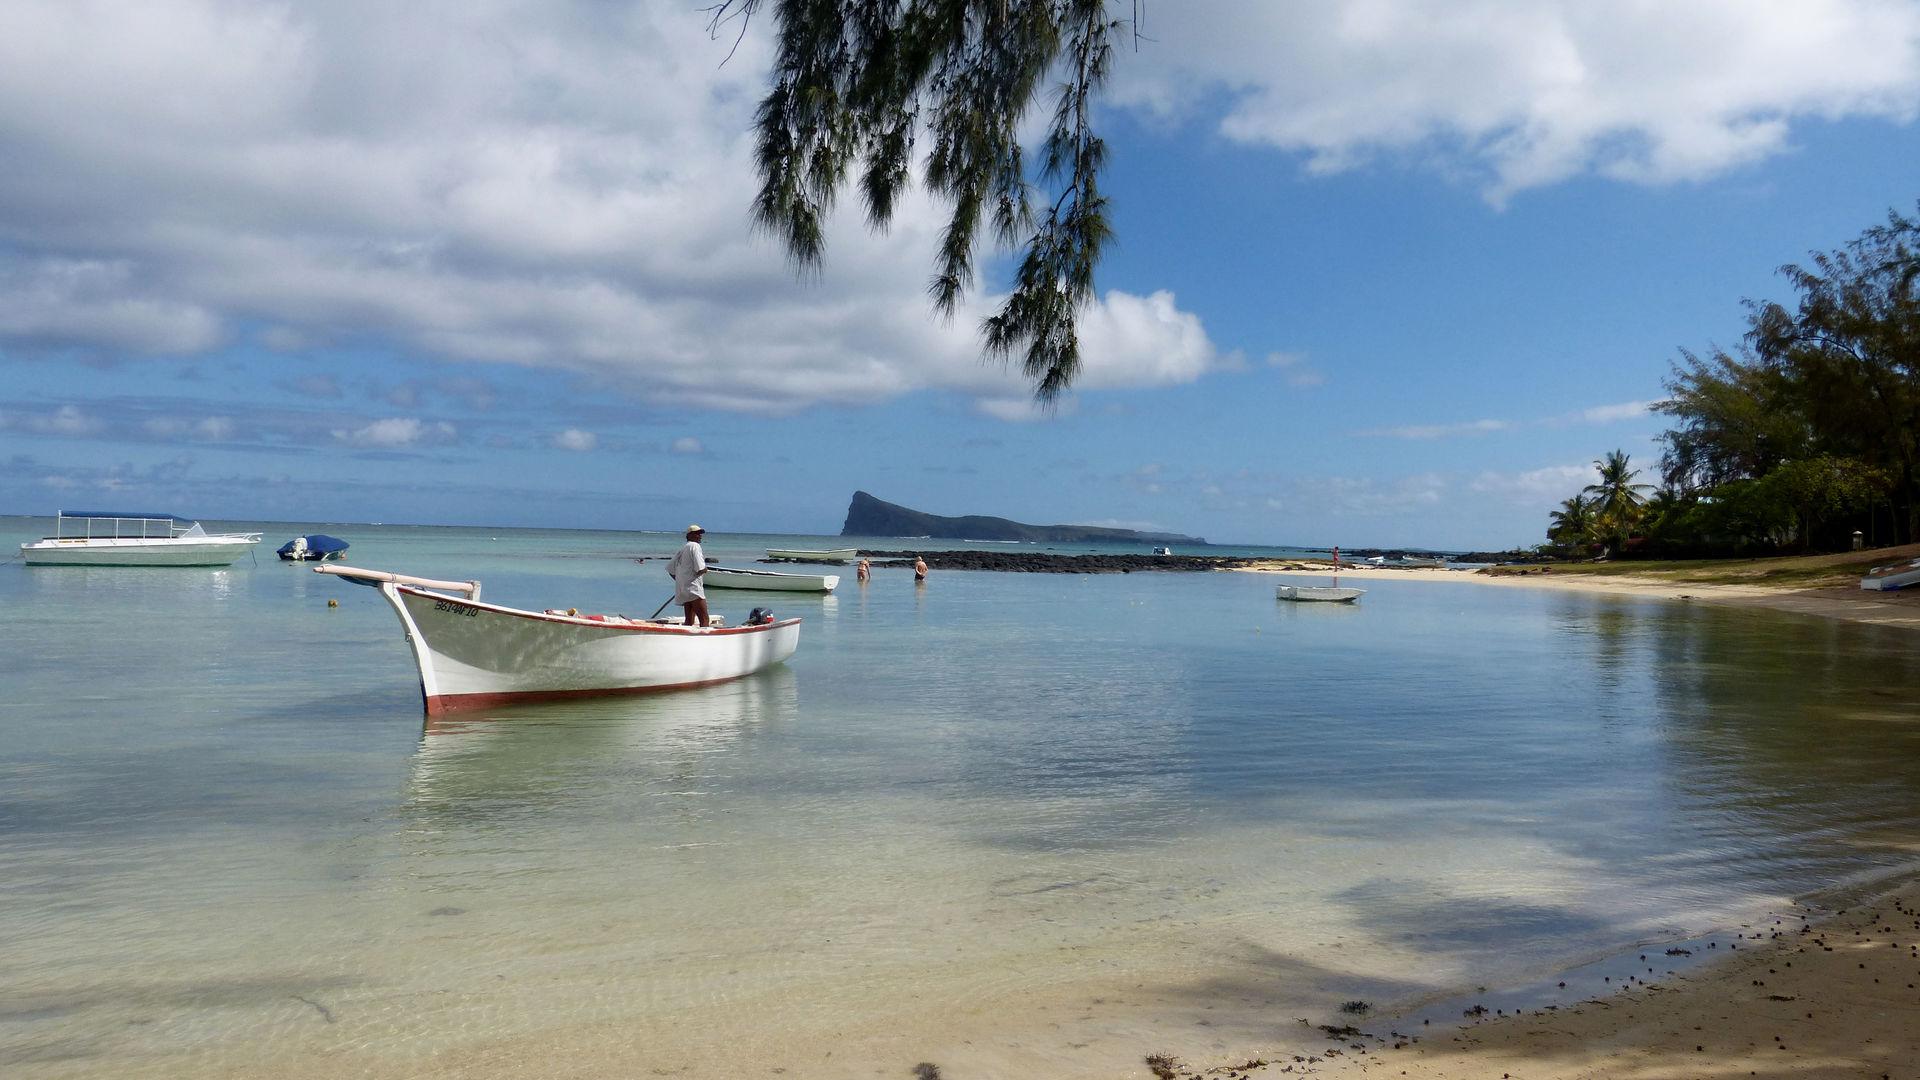 Beste reistijd Mauritius - Weer, klimaat & regenseizoen informatie